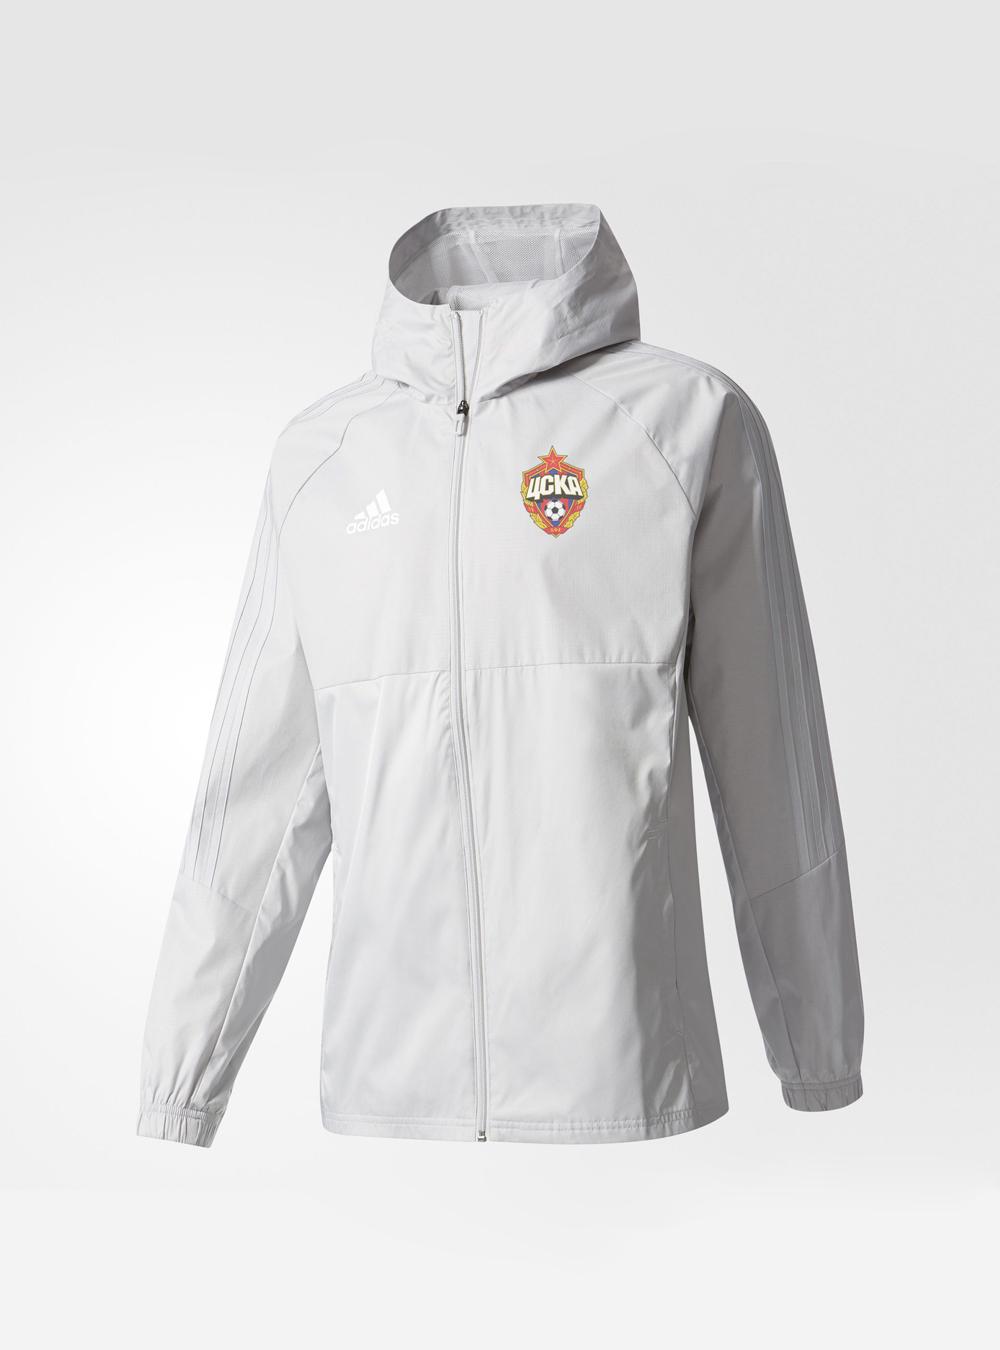 Куртка ветрозащитная с капюшоном, цвет серый (M)Экипировка 2017/2018<br>Куртка ветрозащитная с капюшоном, цвет серый<br>